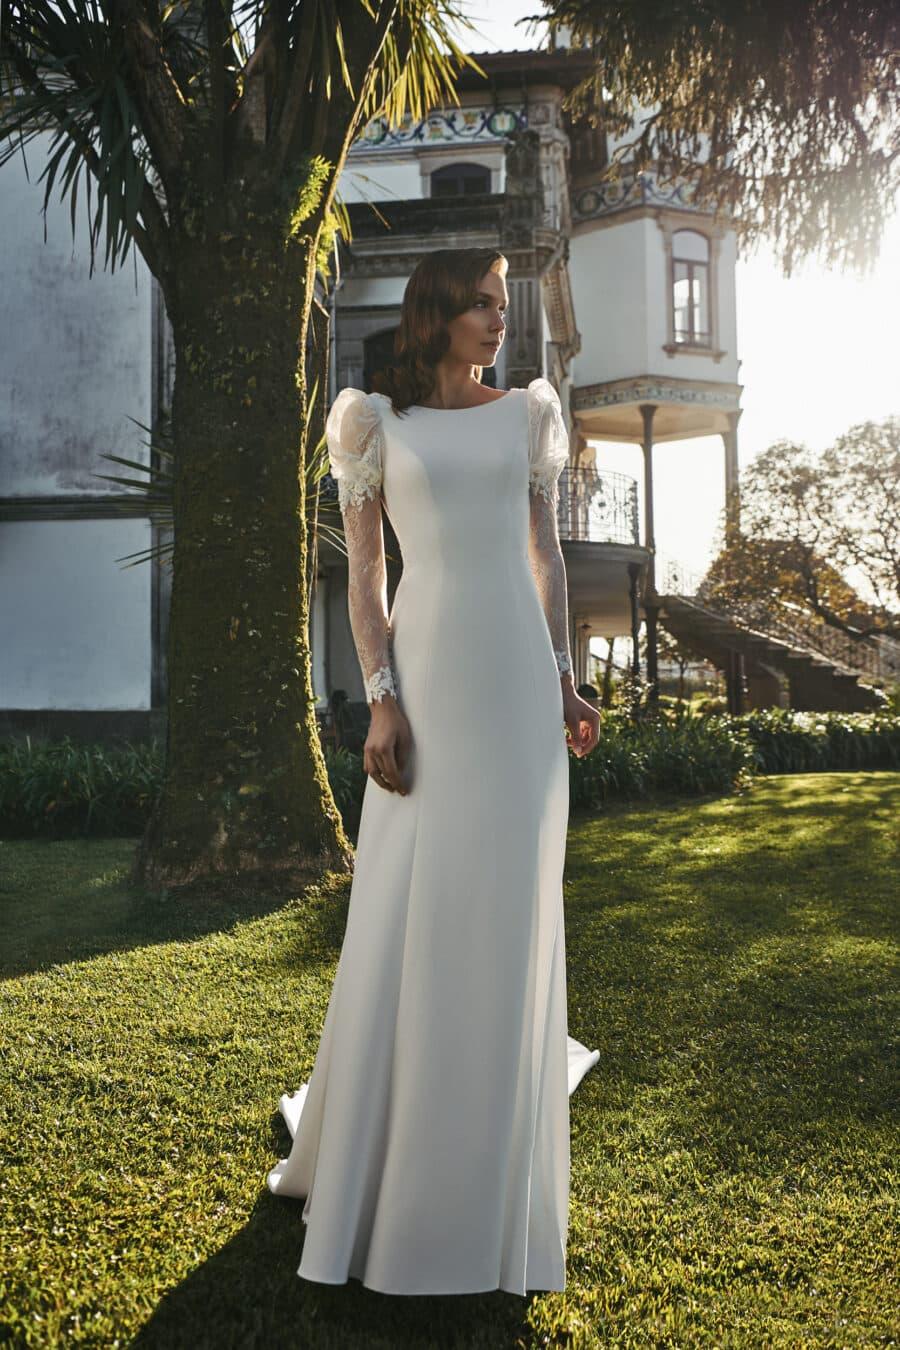 Vestido de novia modelo Lua colección 2021 de Silvia Fernández